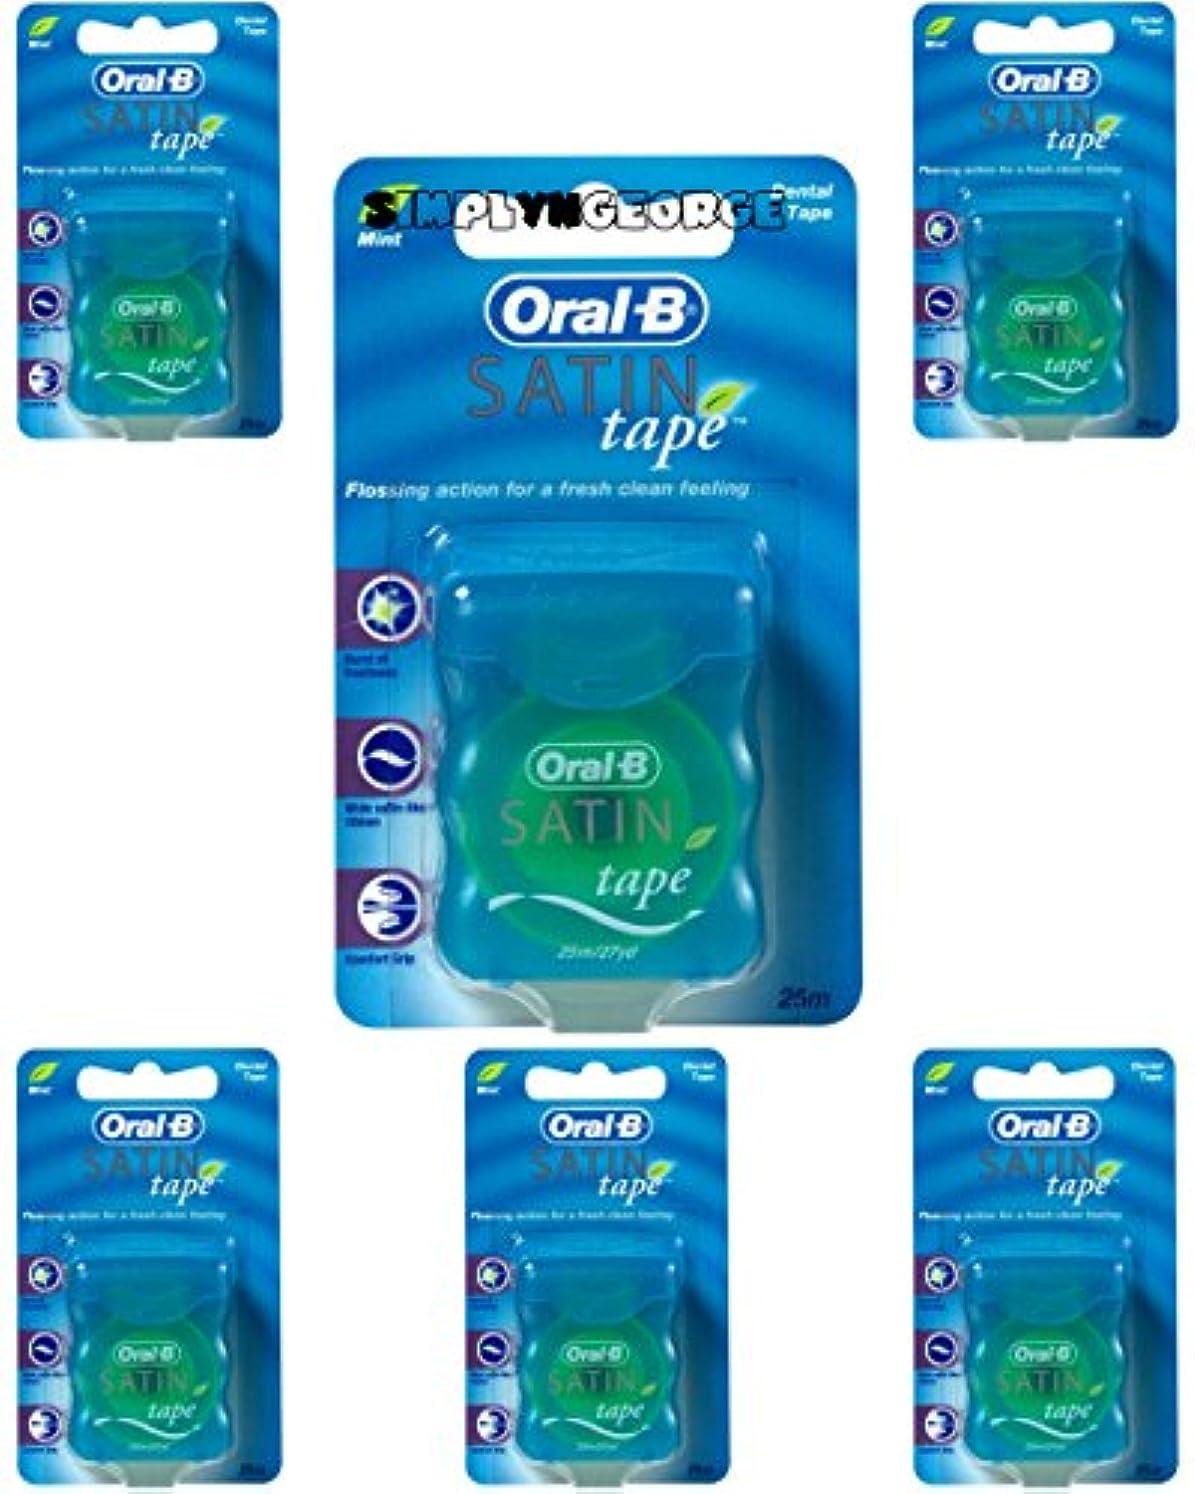 キャプテン慣らす急性Oral-B Statin Tape Dental Floss 25m (6 Units) by Oral-B Satin Tape Mint